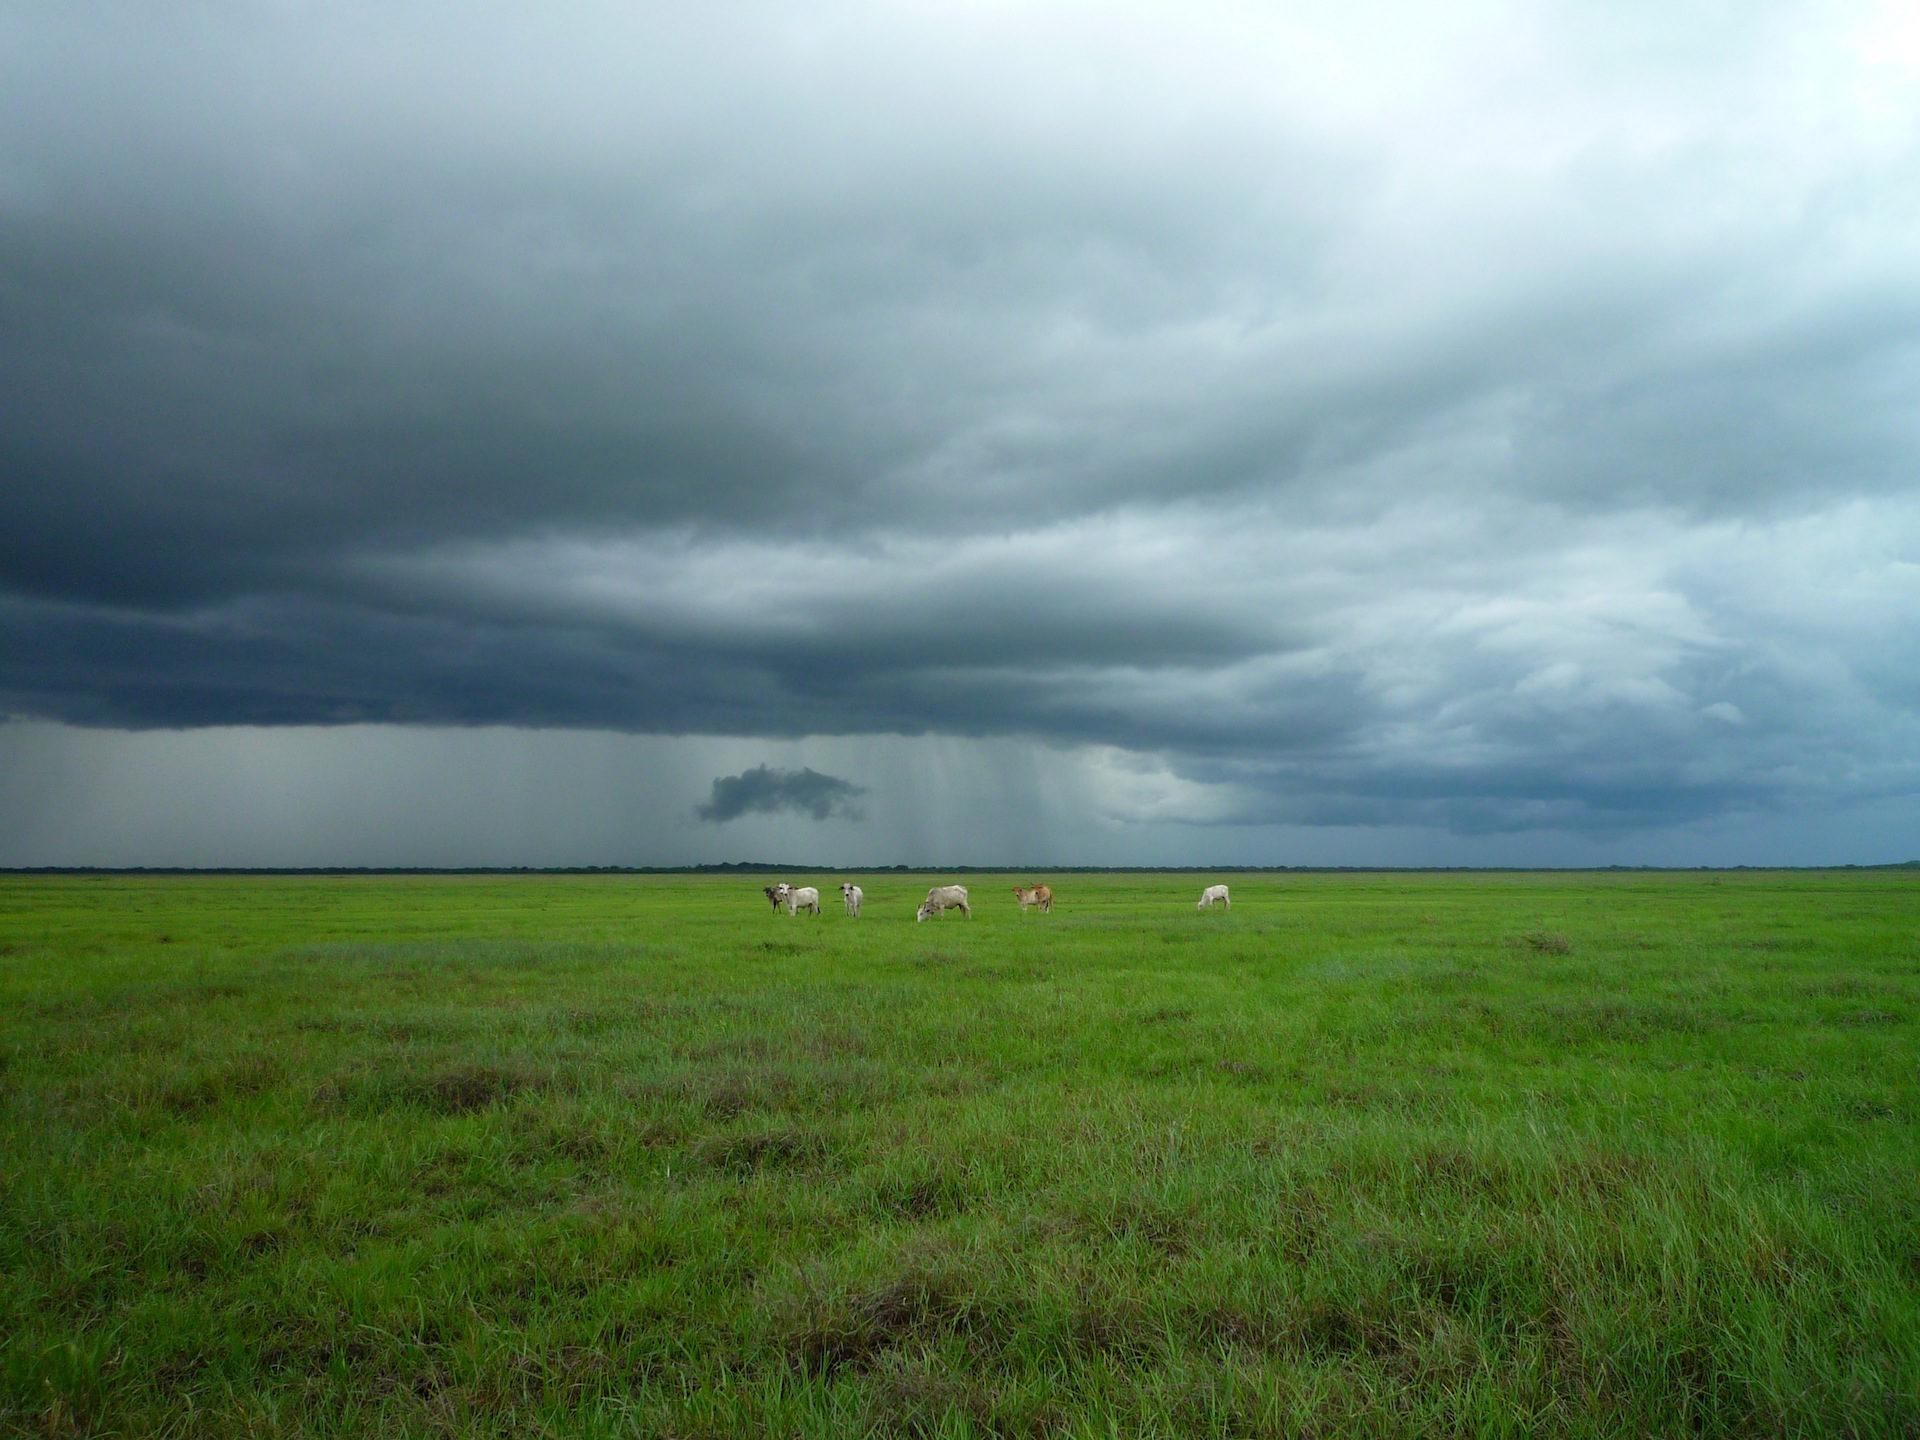 プレーン, 牛, 雲, 嵐, 一時的です - HD の壁紙 - 教授-falken.com